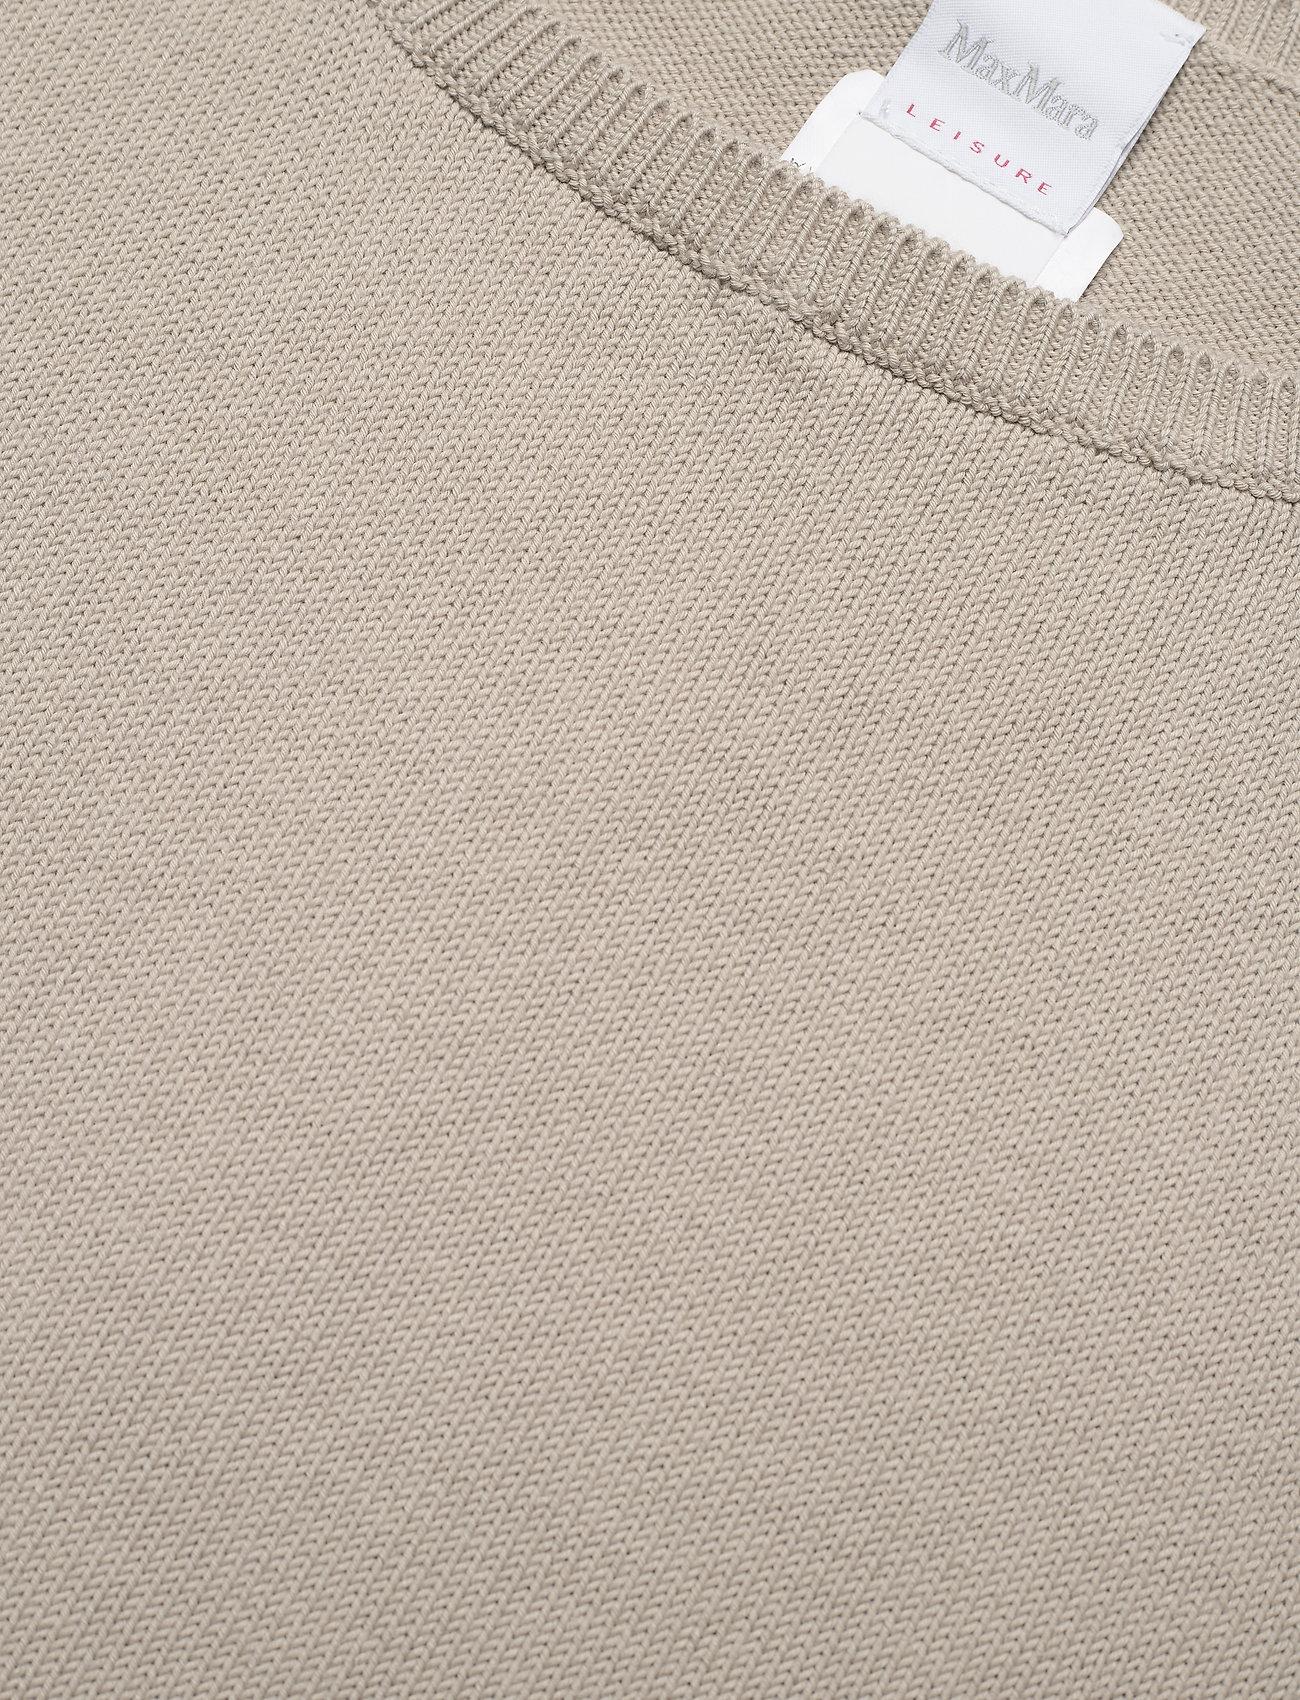 Max Mara Leisure - NASTIE - knitted vests - beige - 3